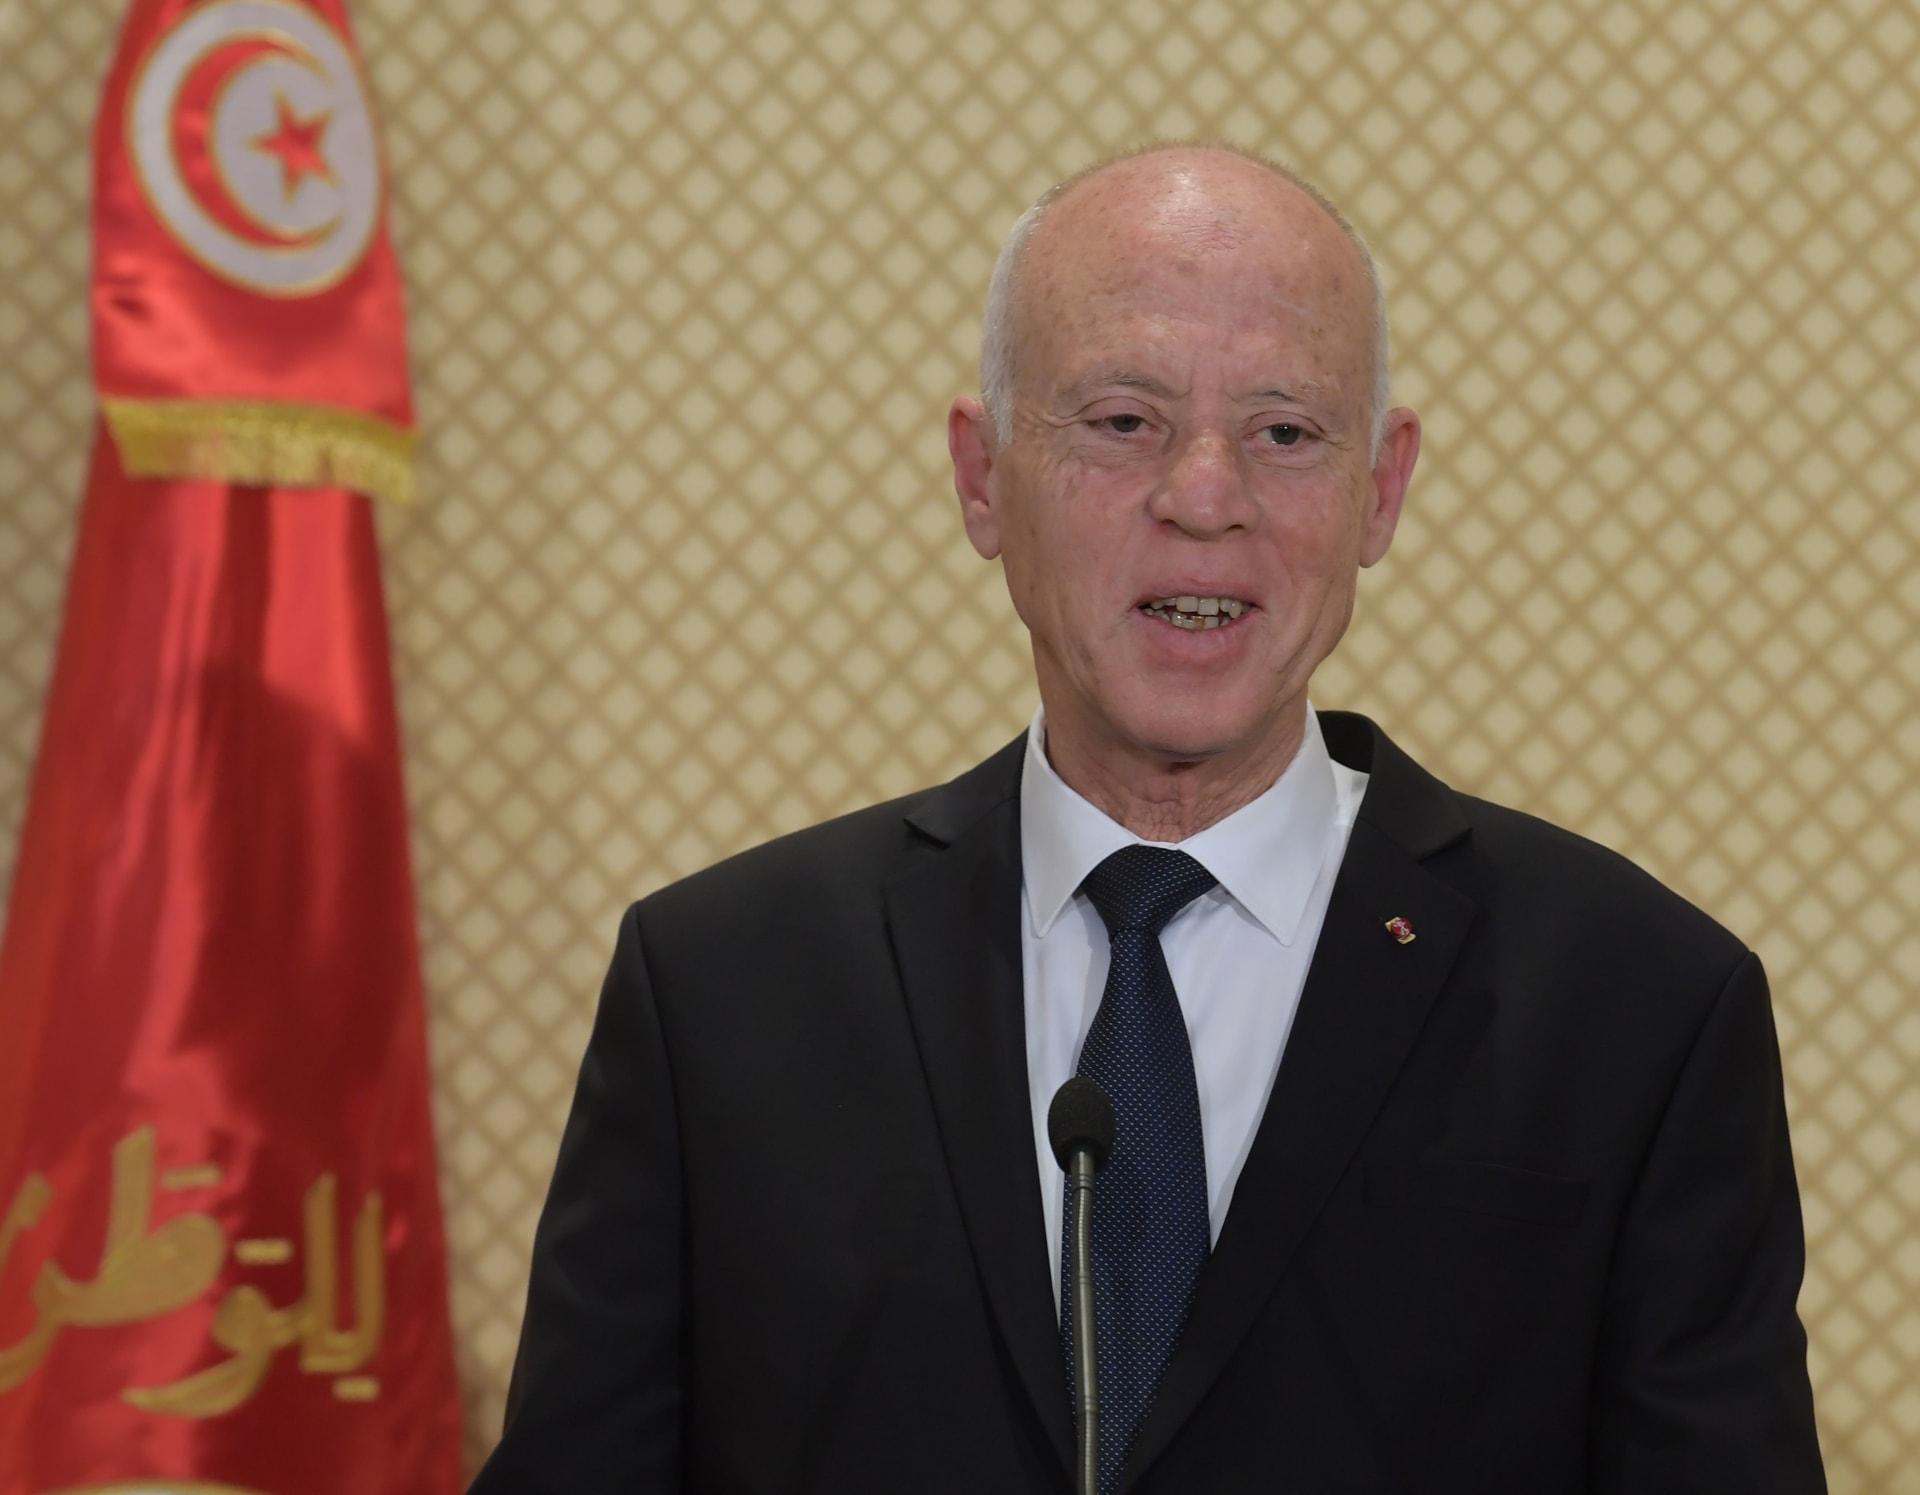 رسميًا.. رئيس وزراء تونس يعلن تشكيل حكومته بعد خلافات دامت لأسابيع